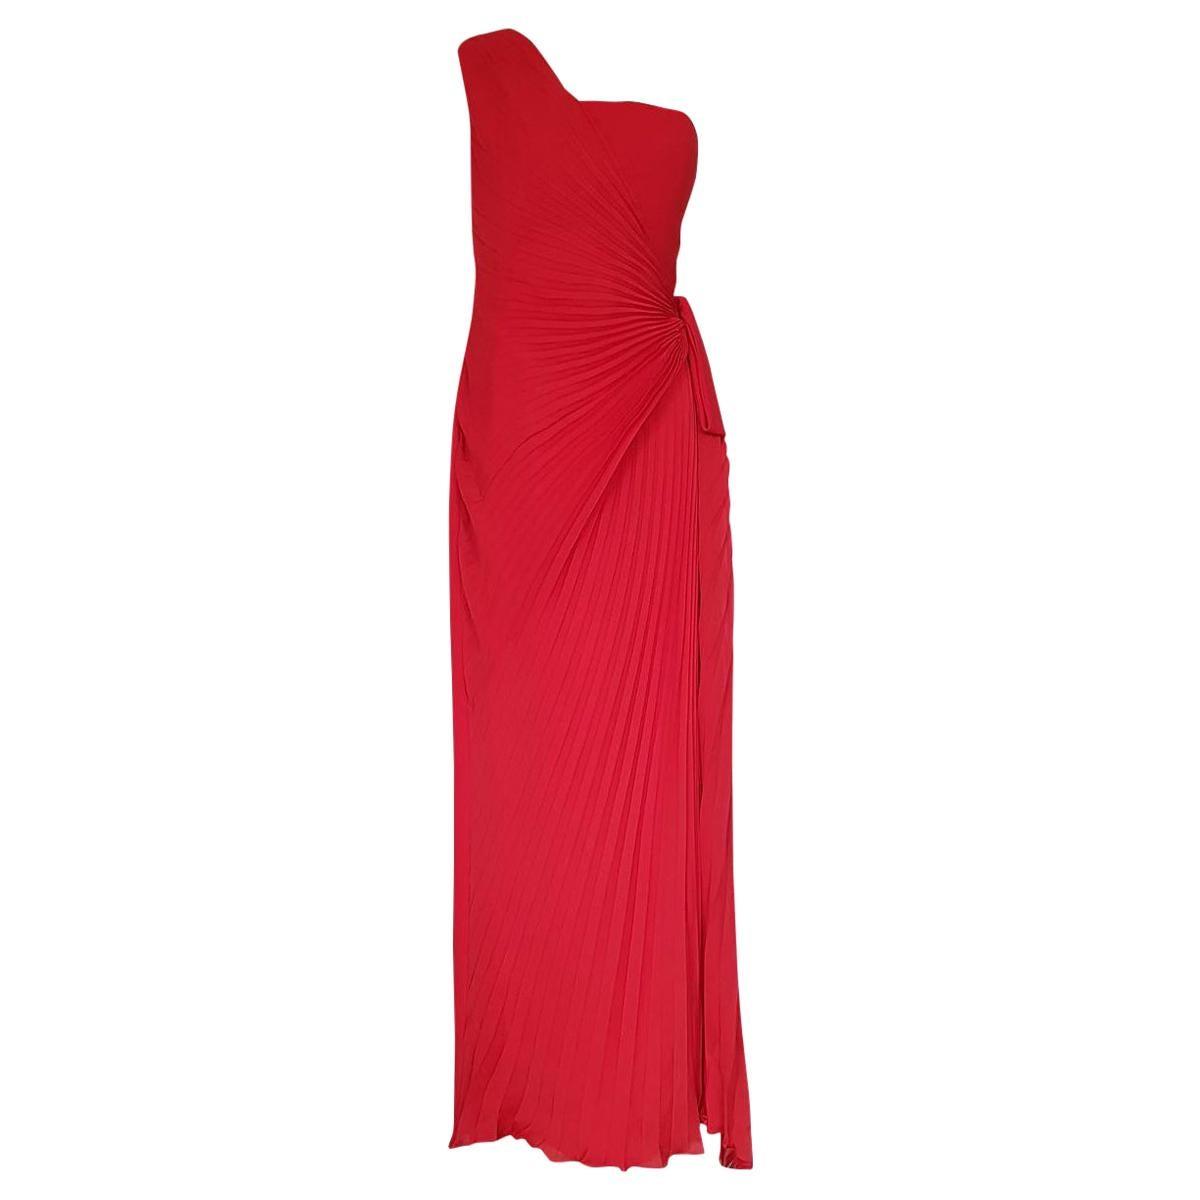 Andrea Odicini Couture Red Dress L